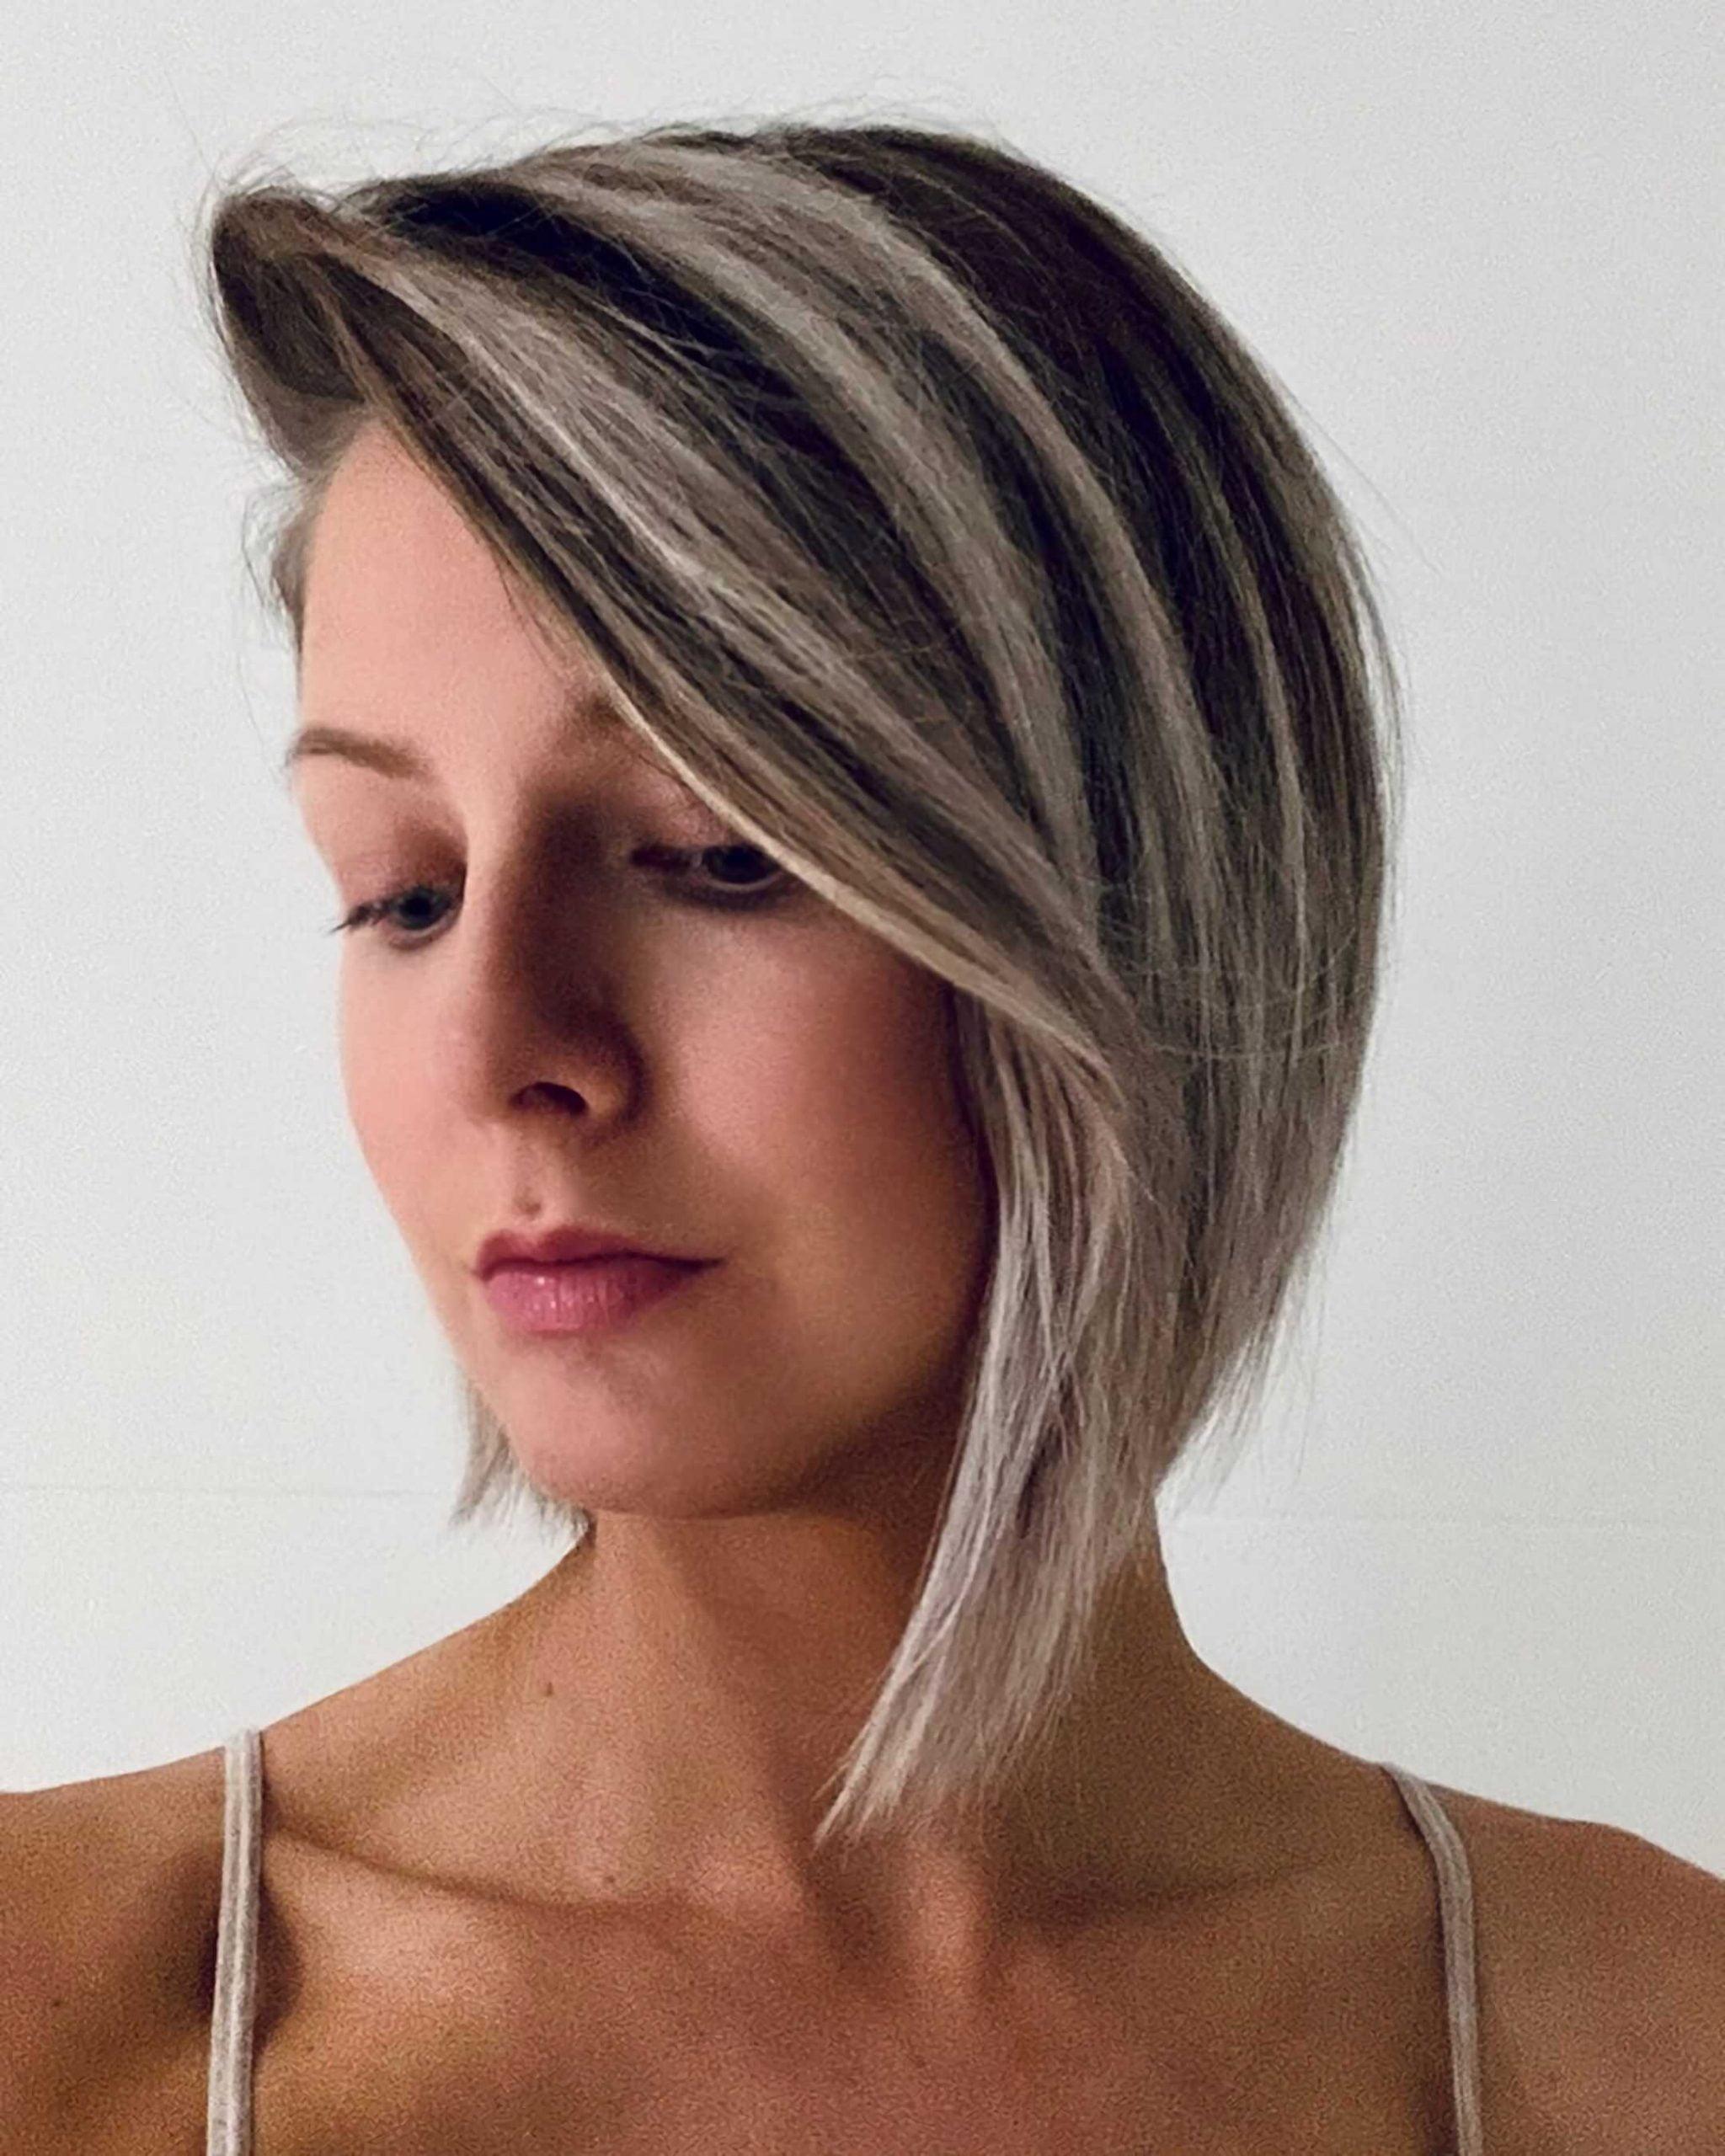 асимметрическая каскаданая стрижка на средние волосы